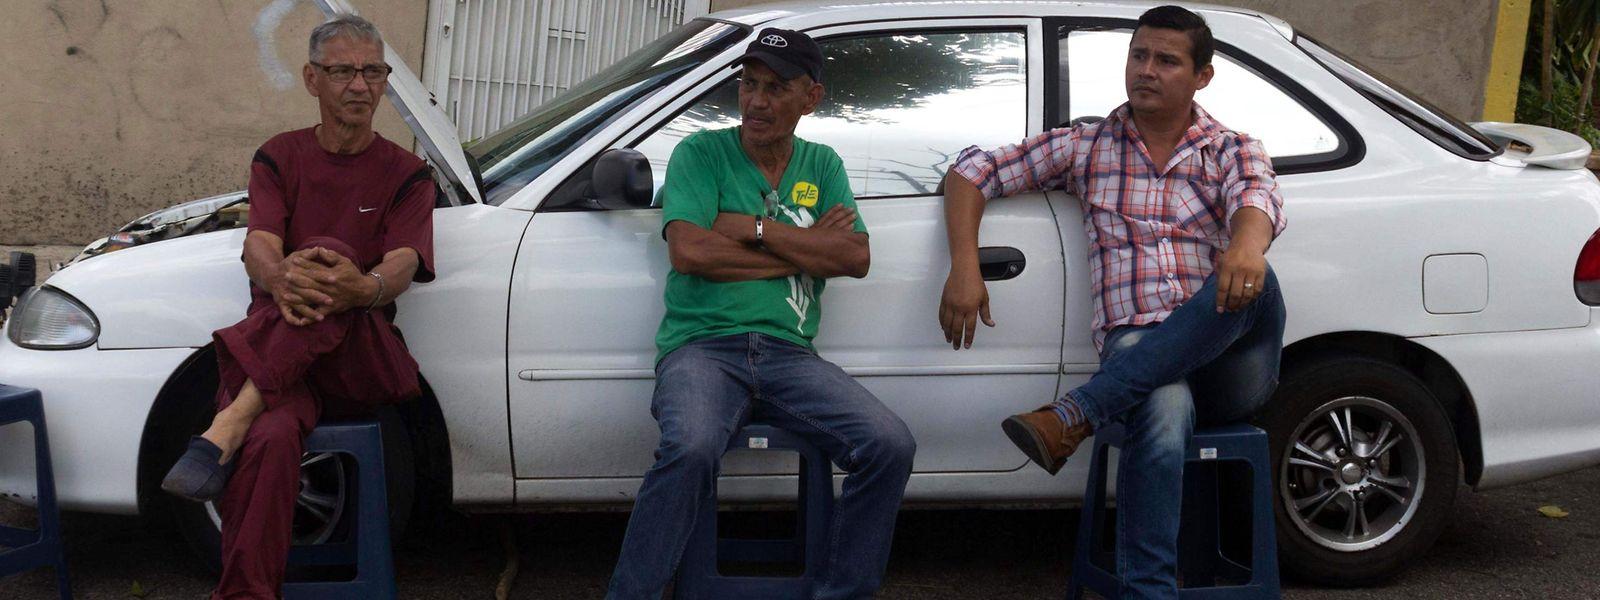 Bis zu drei Tagen müssen Menschen in Venezuela anstehen, um Benzin zu tanken.